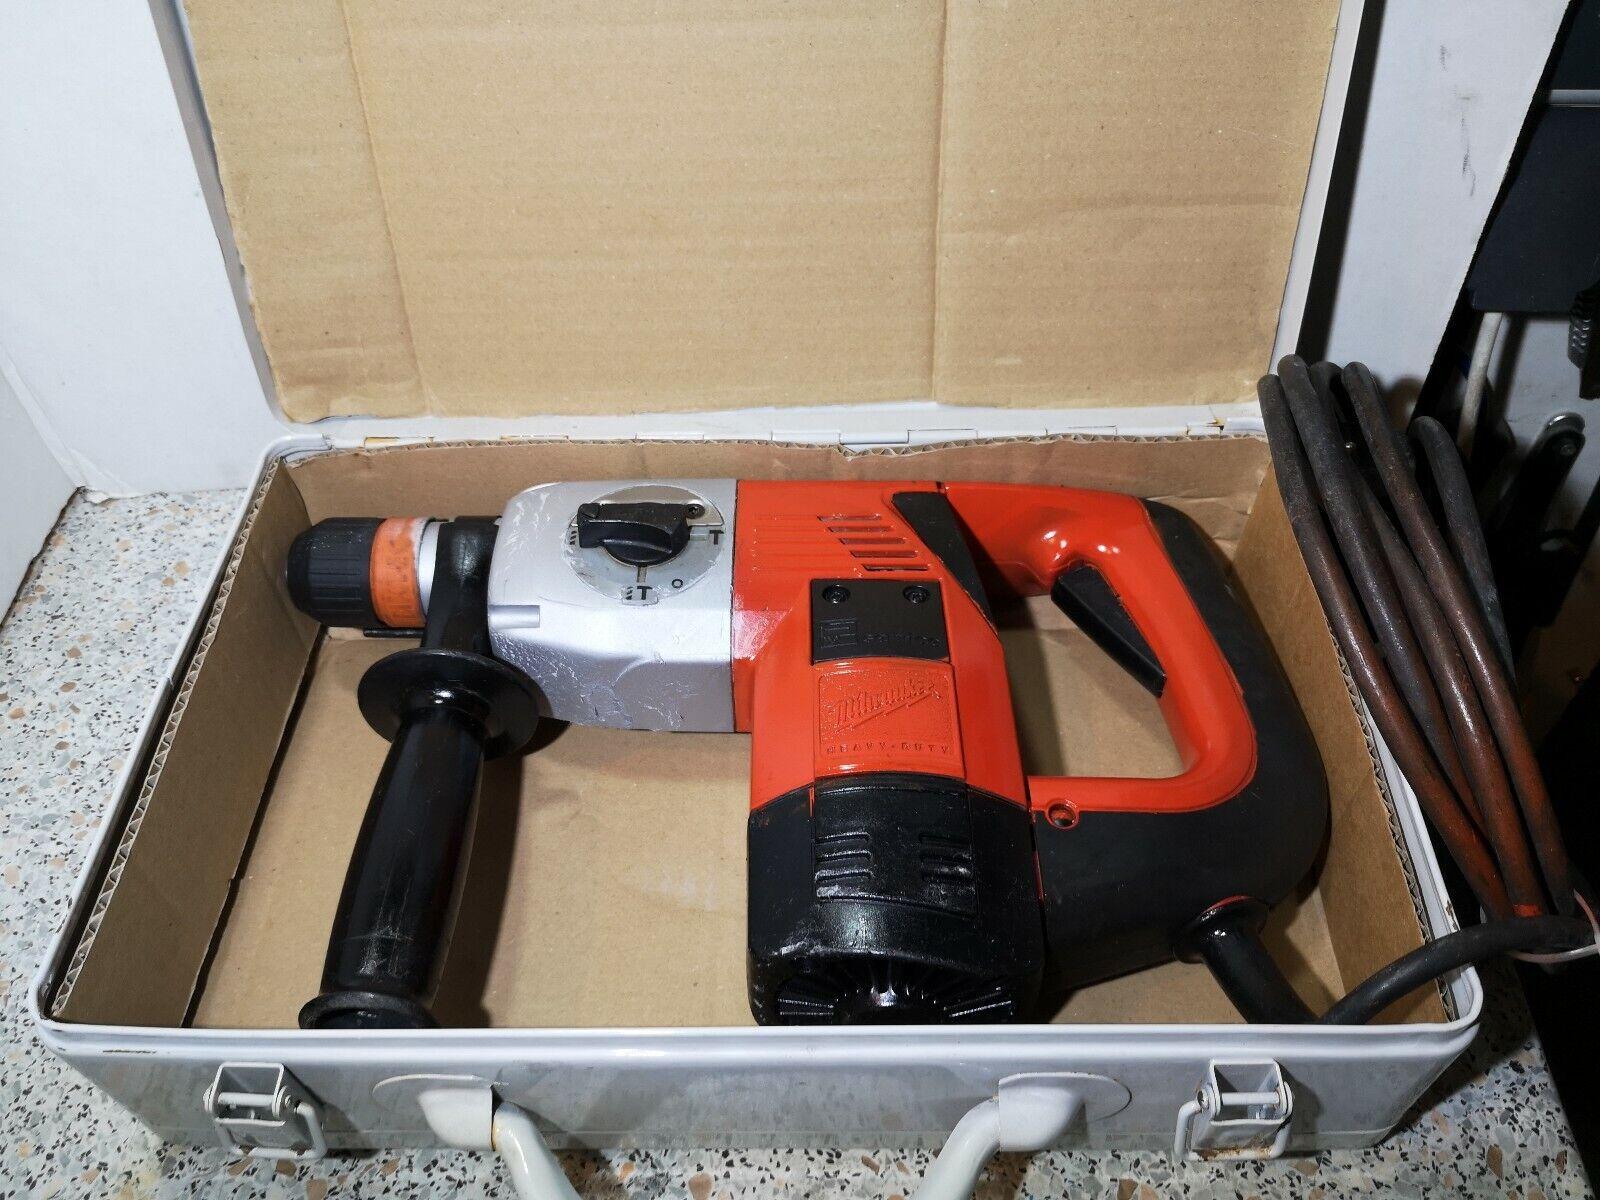 Milwaukee PLH 30 XE sds plus profi bohrhammer mit Meißel fonksion und Koffer